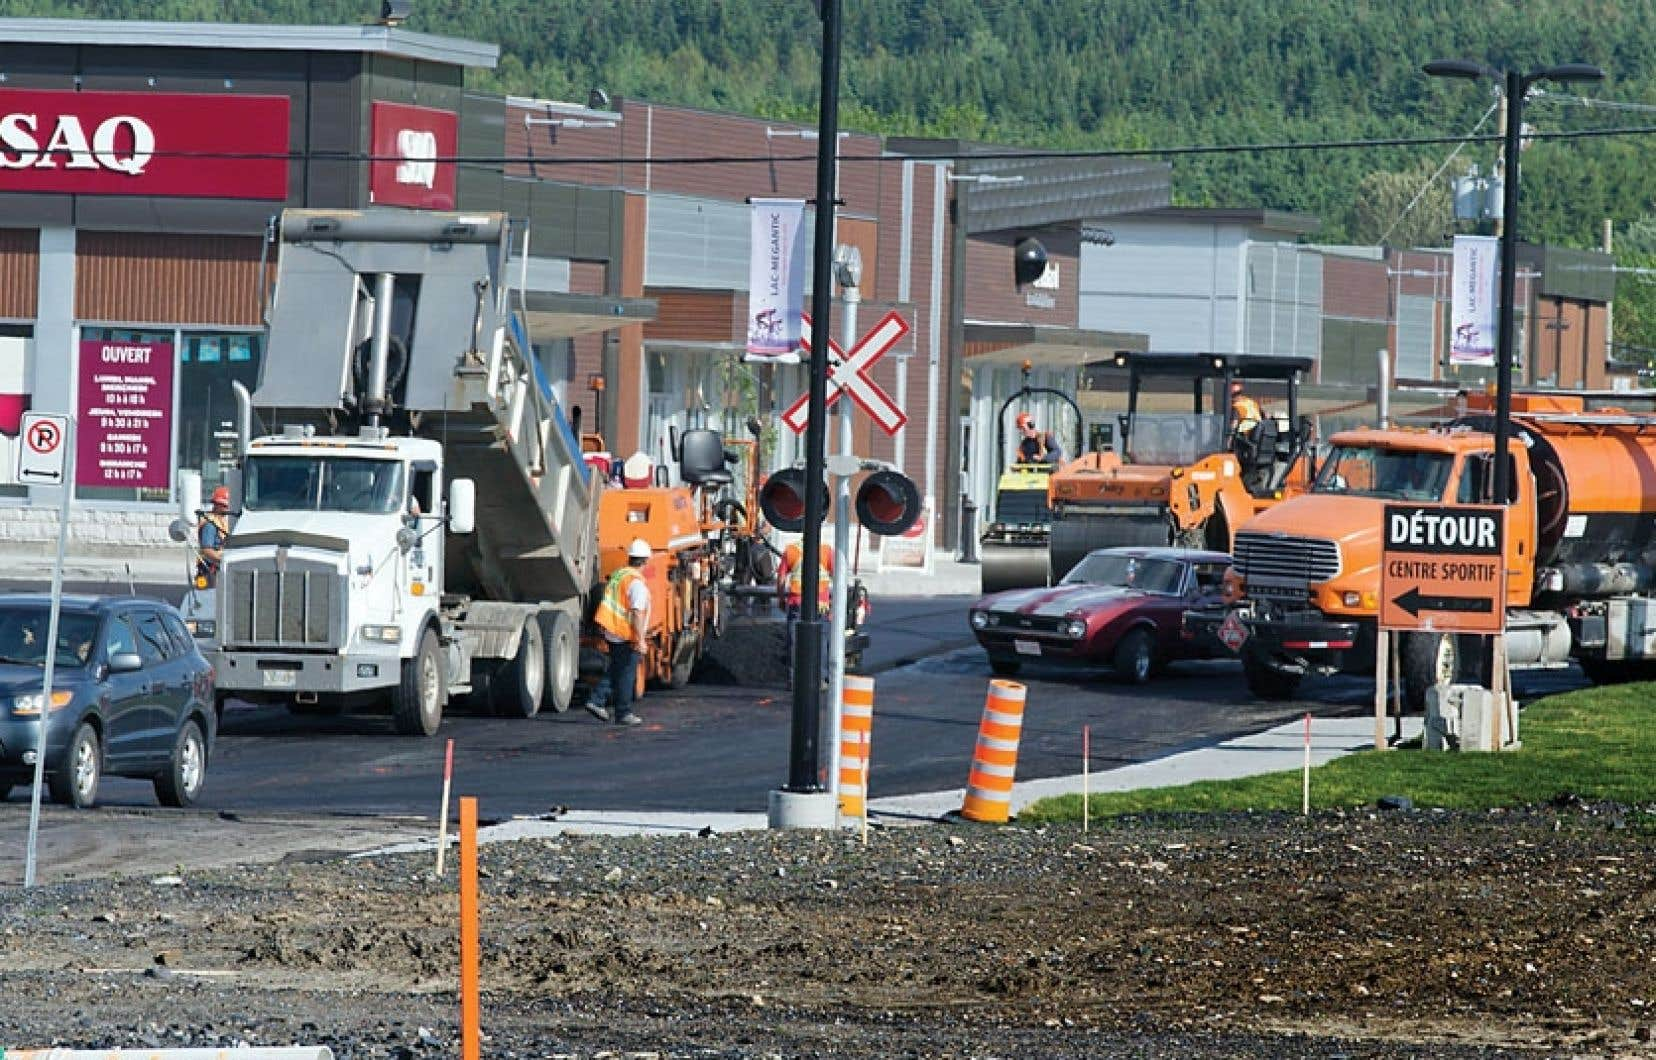 La ville est un véritable chantier traversé de camions remplis de terre et de gravier. Et les travaux de reconstruction sont loin d'être terminés.